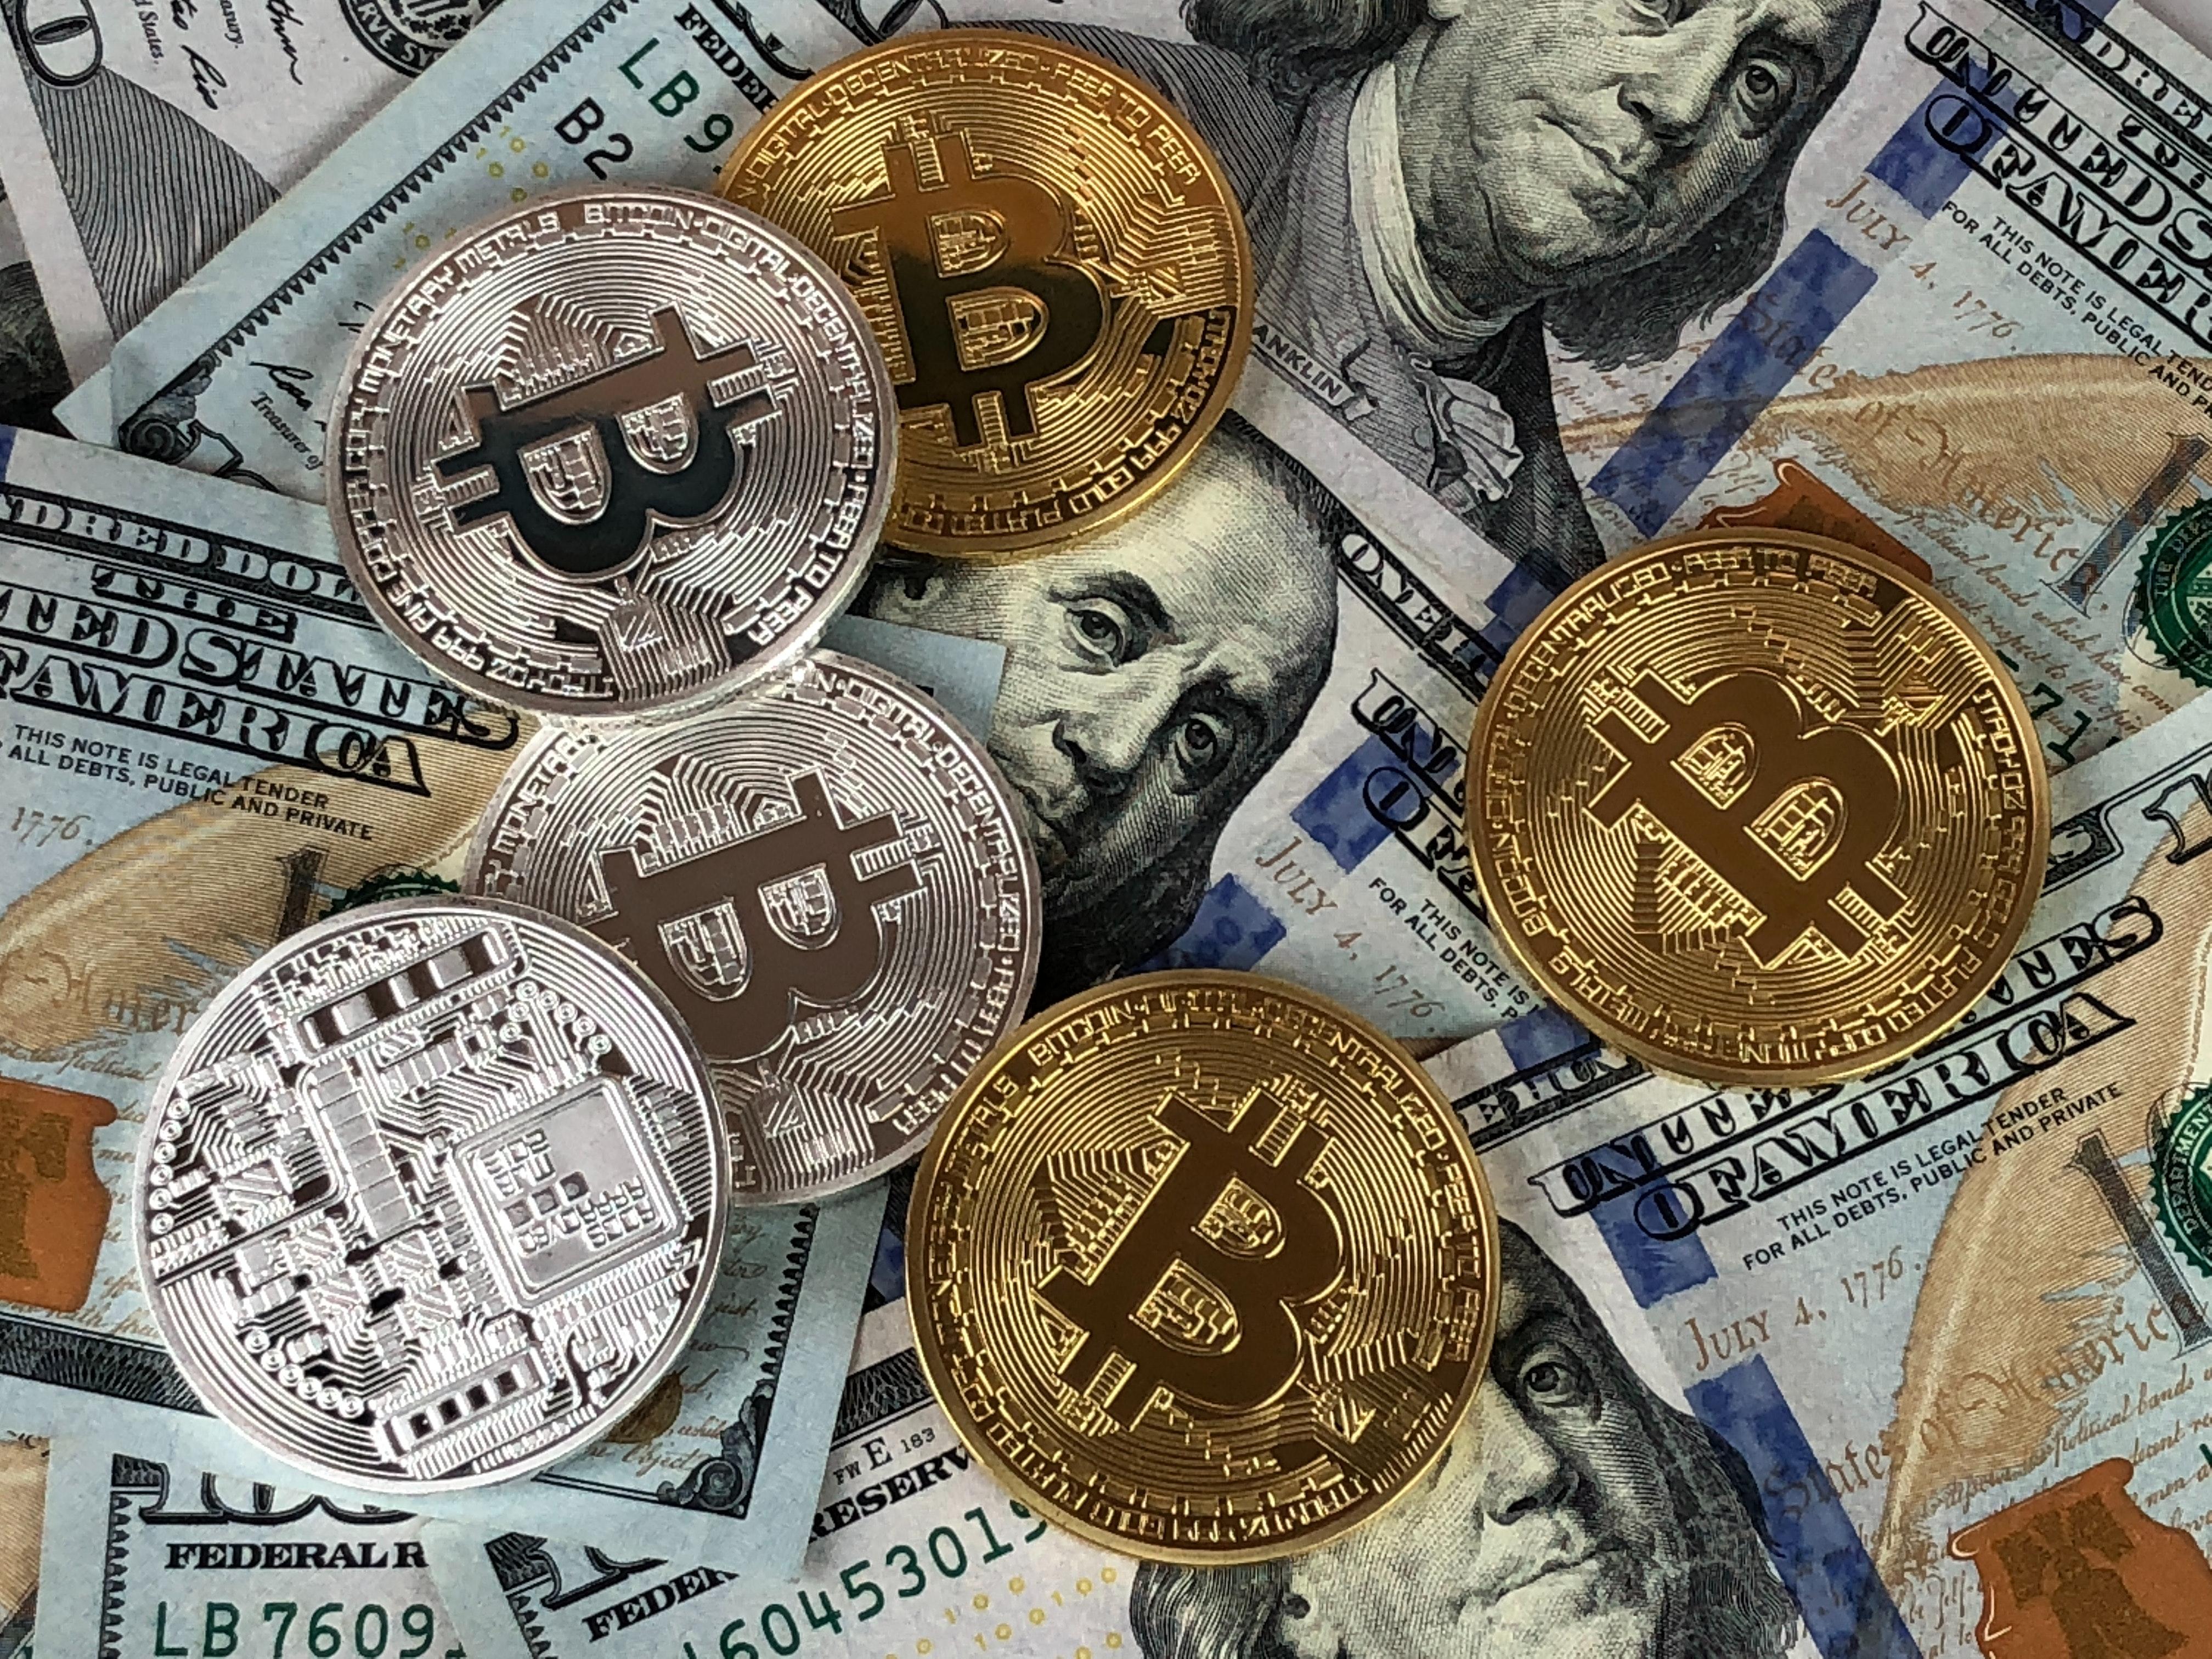 dollar notes with bitcoin ontop